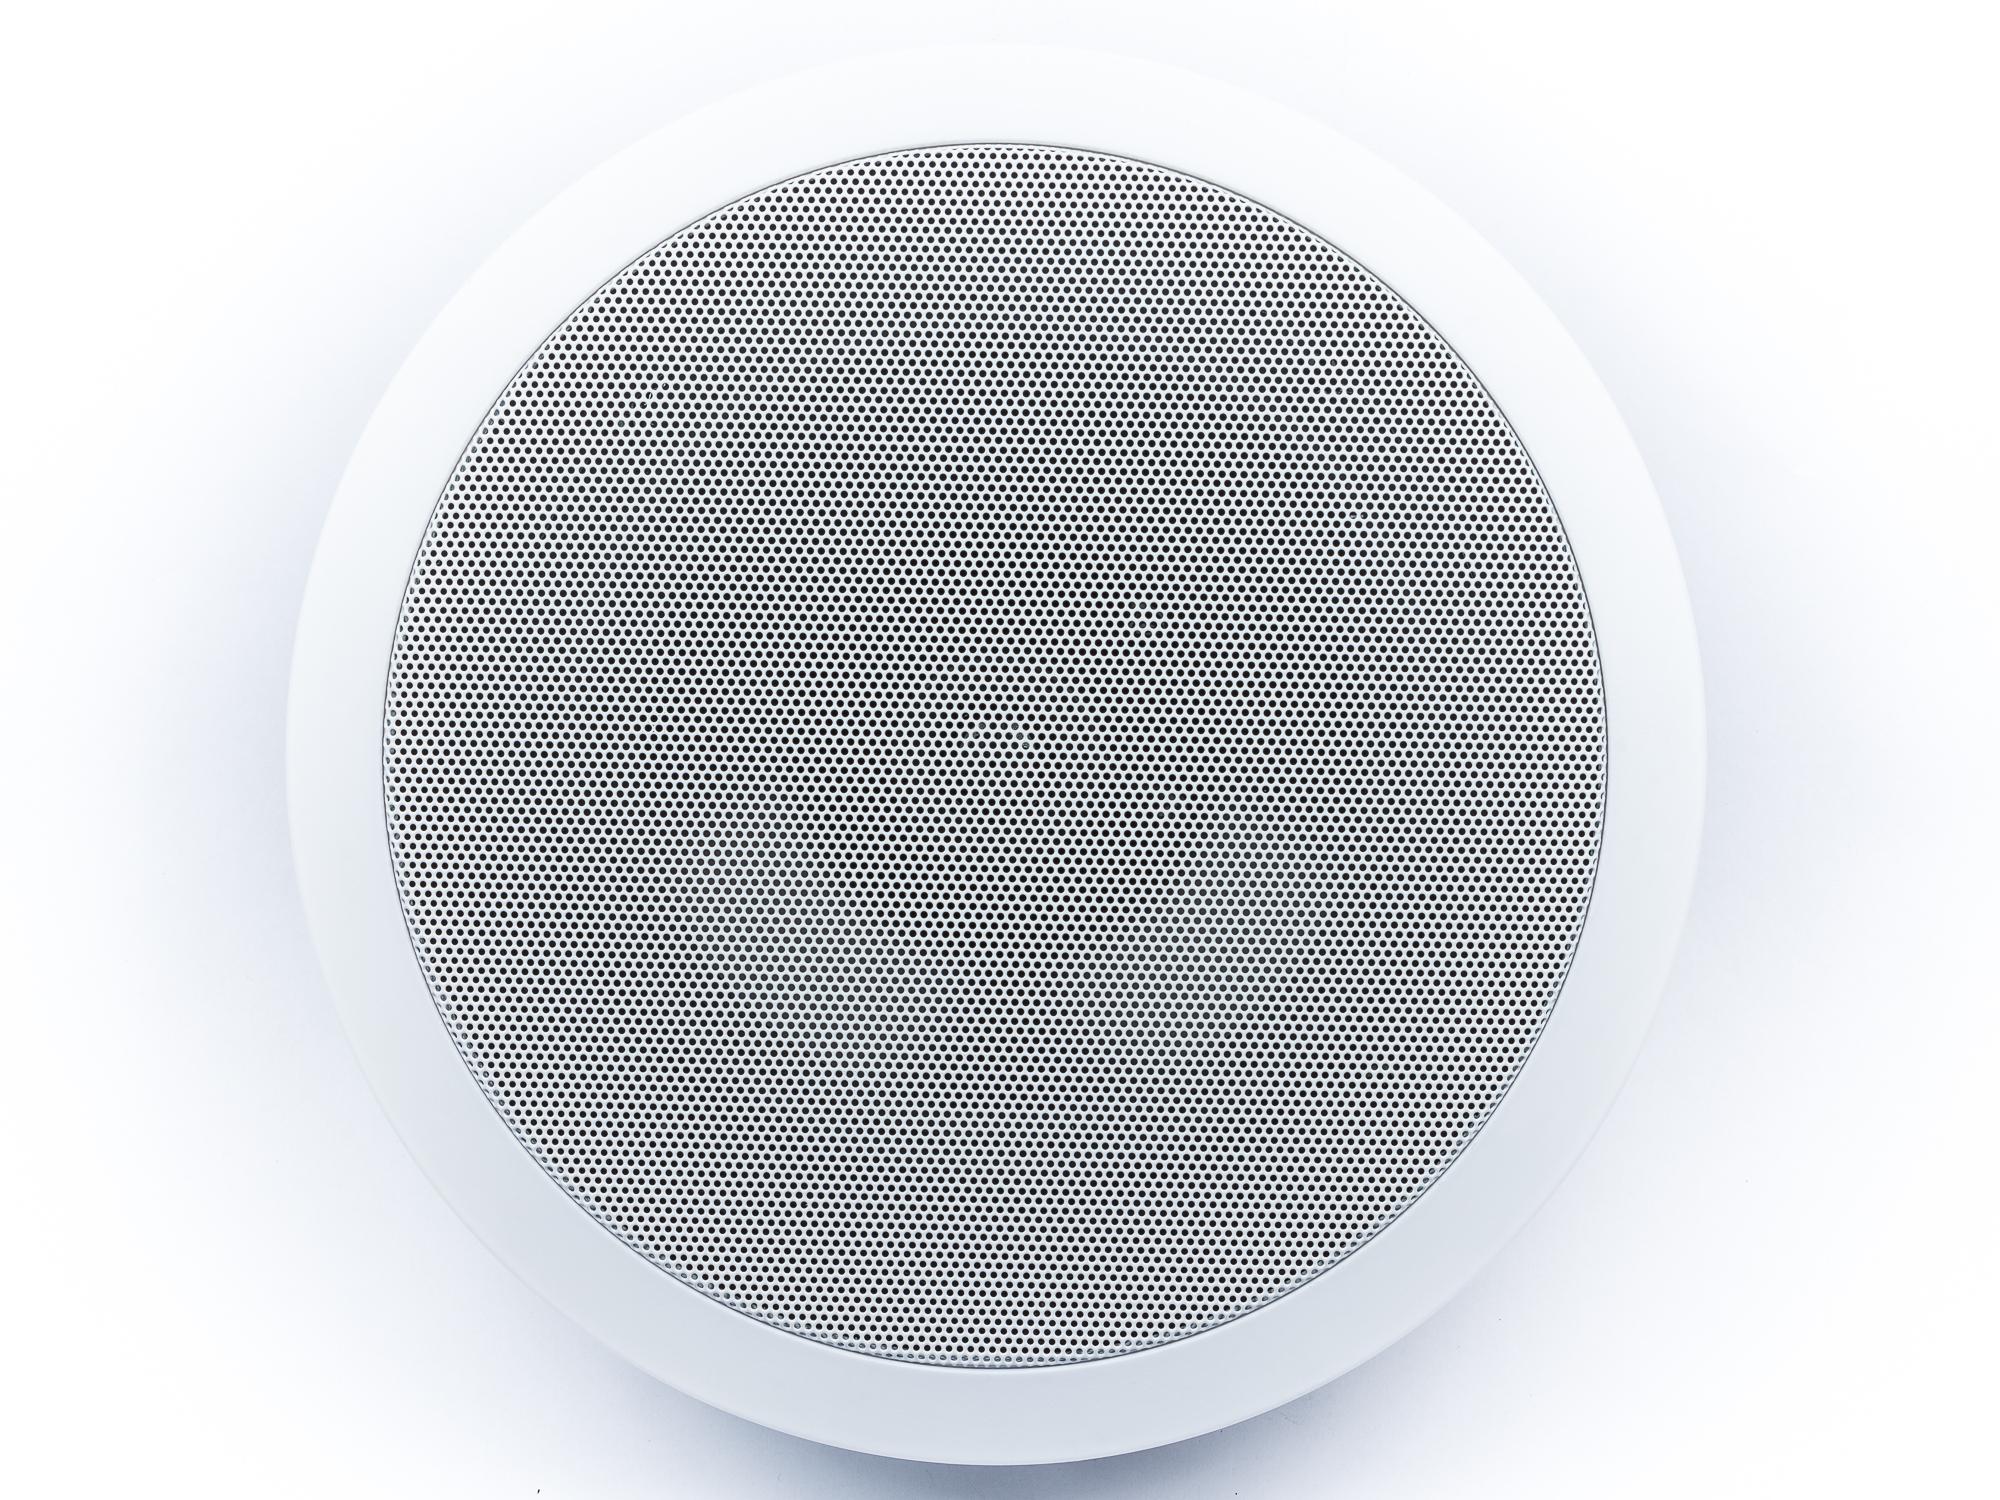 PG Audio DL 82,2 Wege Decken-Einbaulautsprecher, 80/160 Watt max.weiß, Neu-Ware – Bild 1